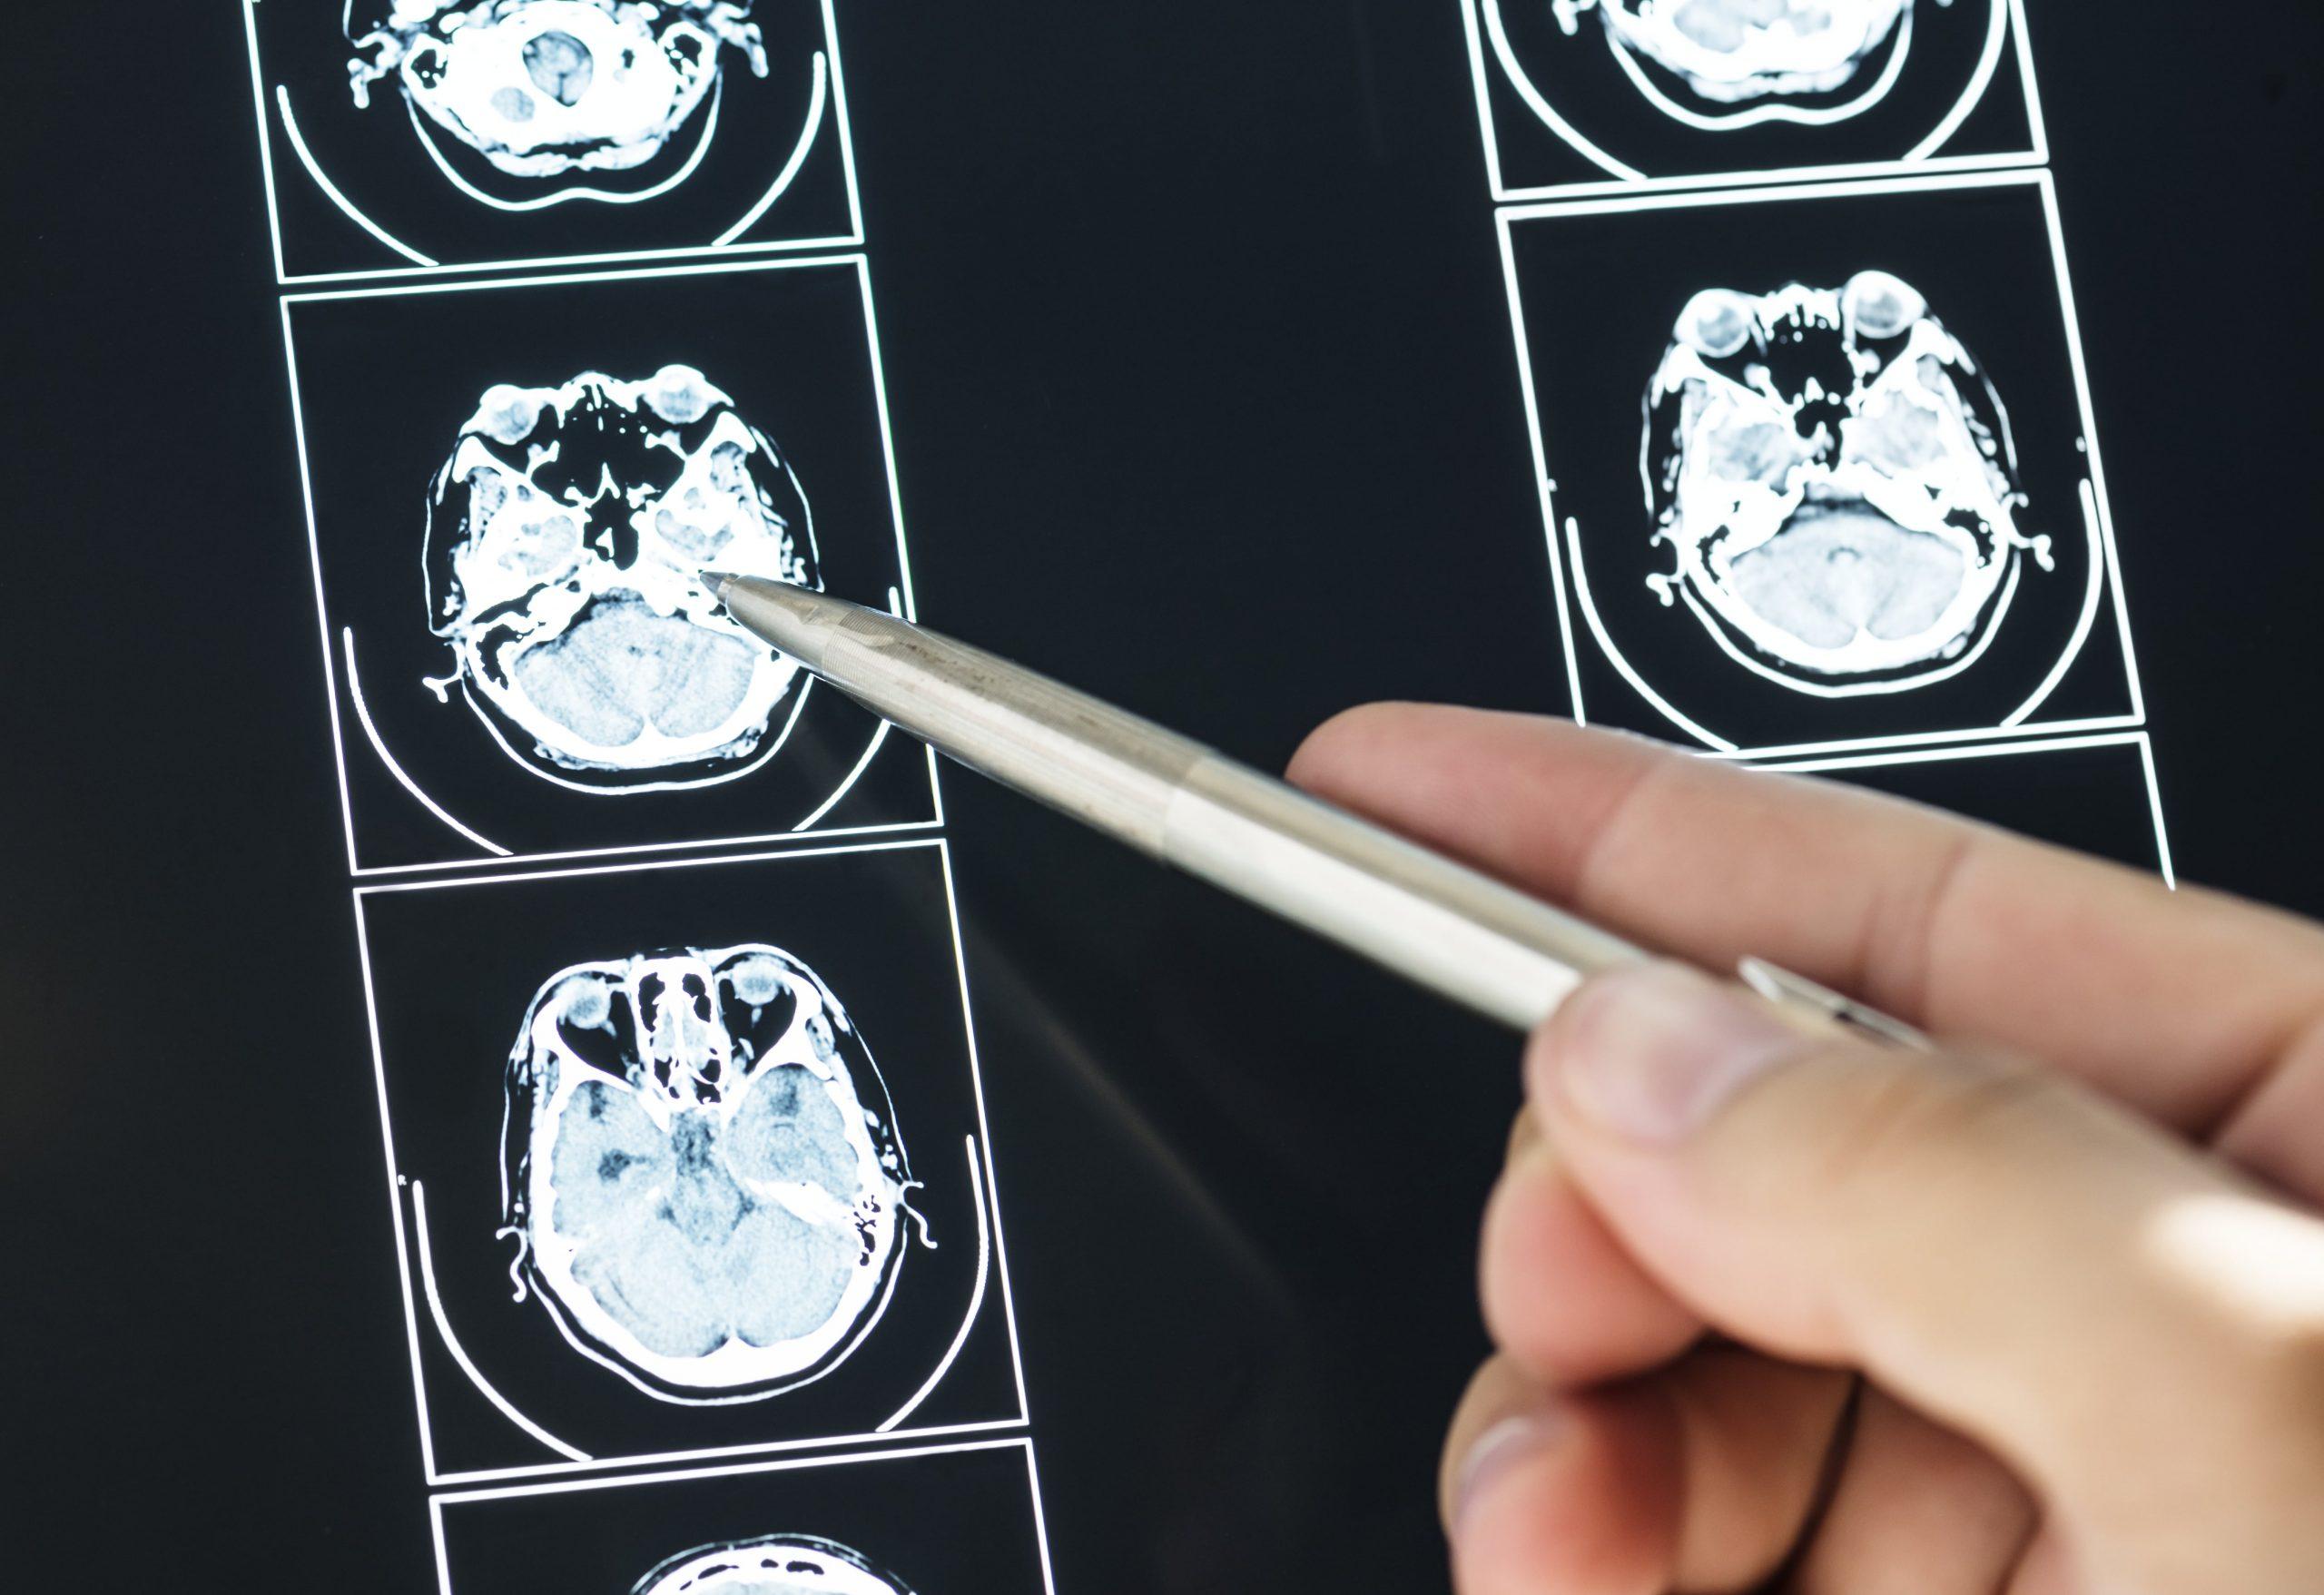 closeup-brain-mri-scan-result